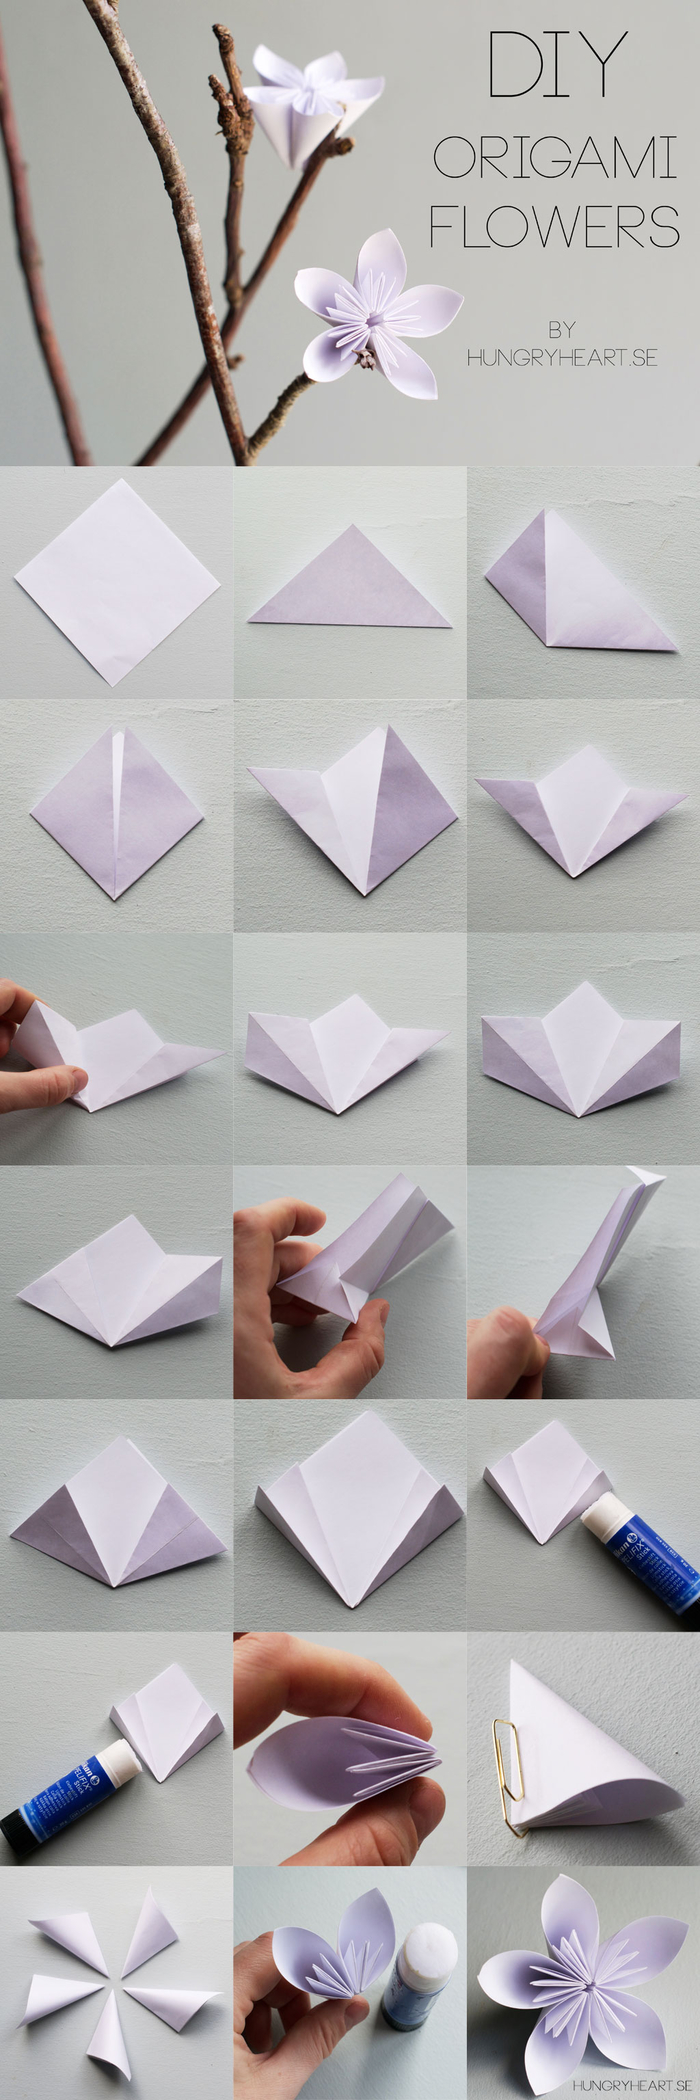 pliage esthétique et harmonieux d'une fleur en origami kusudama, idée pour une déco en branche fleurie décorée de fleurs en origami